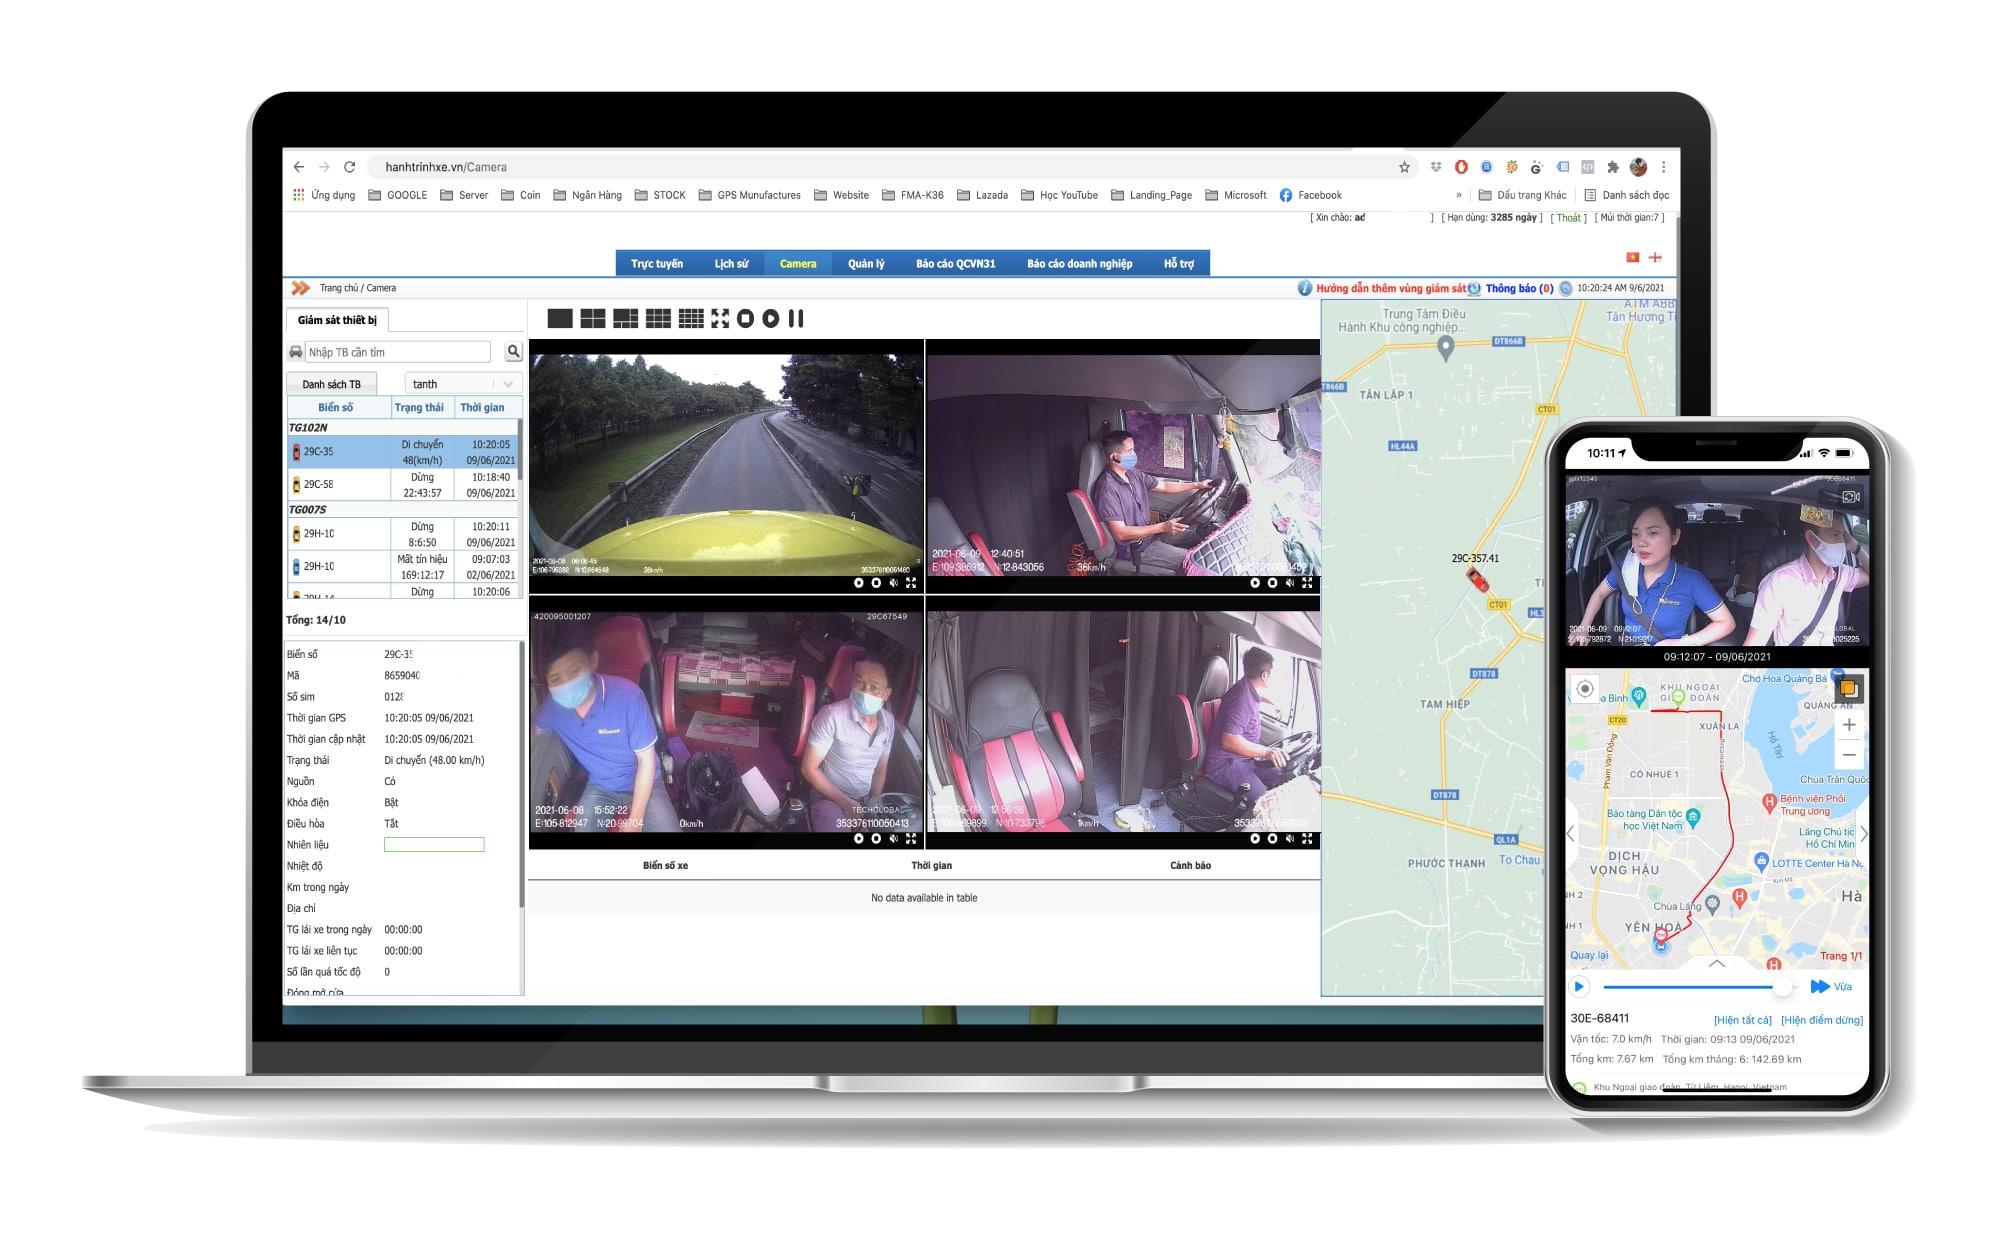 giao diện màn hình khi sử dụng camera giám sát sm400p